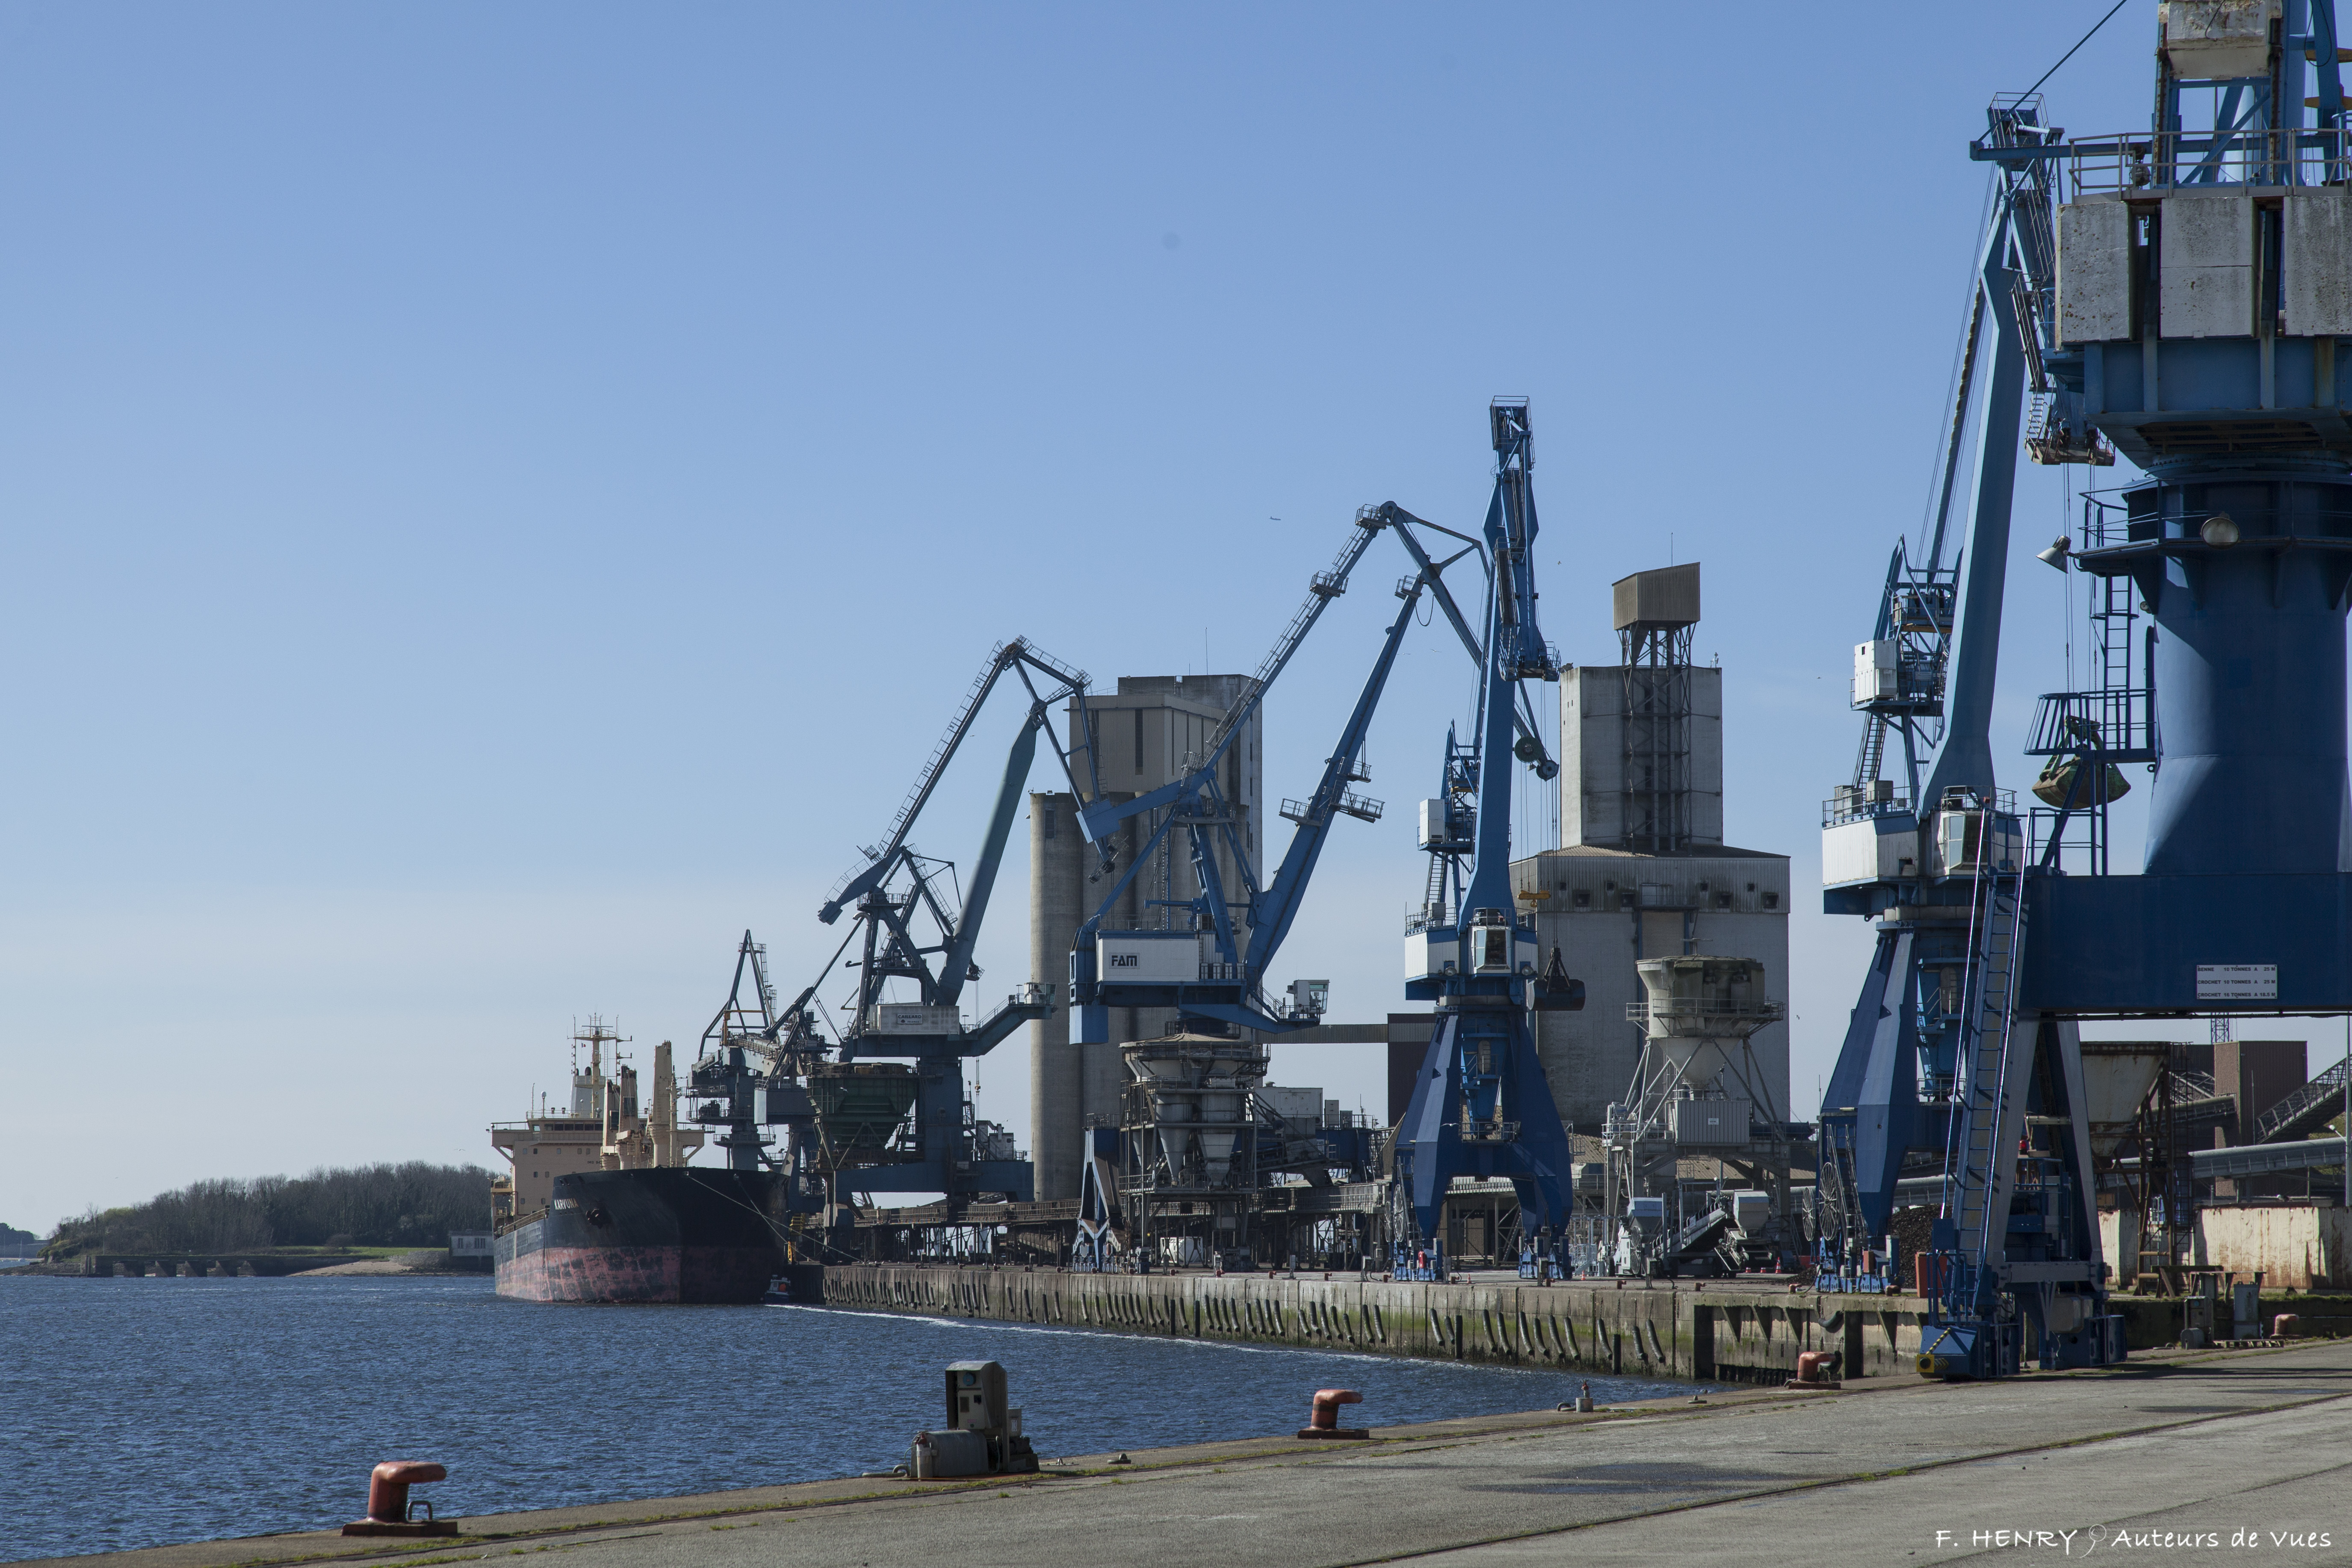 Le port de commerce de lorient en ligne chambre de commerce et d 39 industrie du morbihan - Chambre de commerce morbihan ...